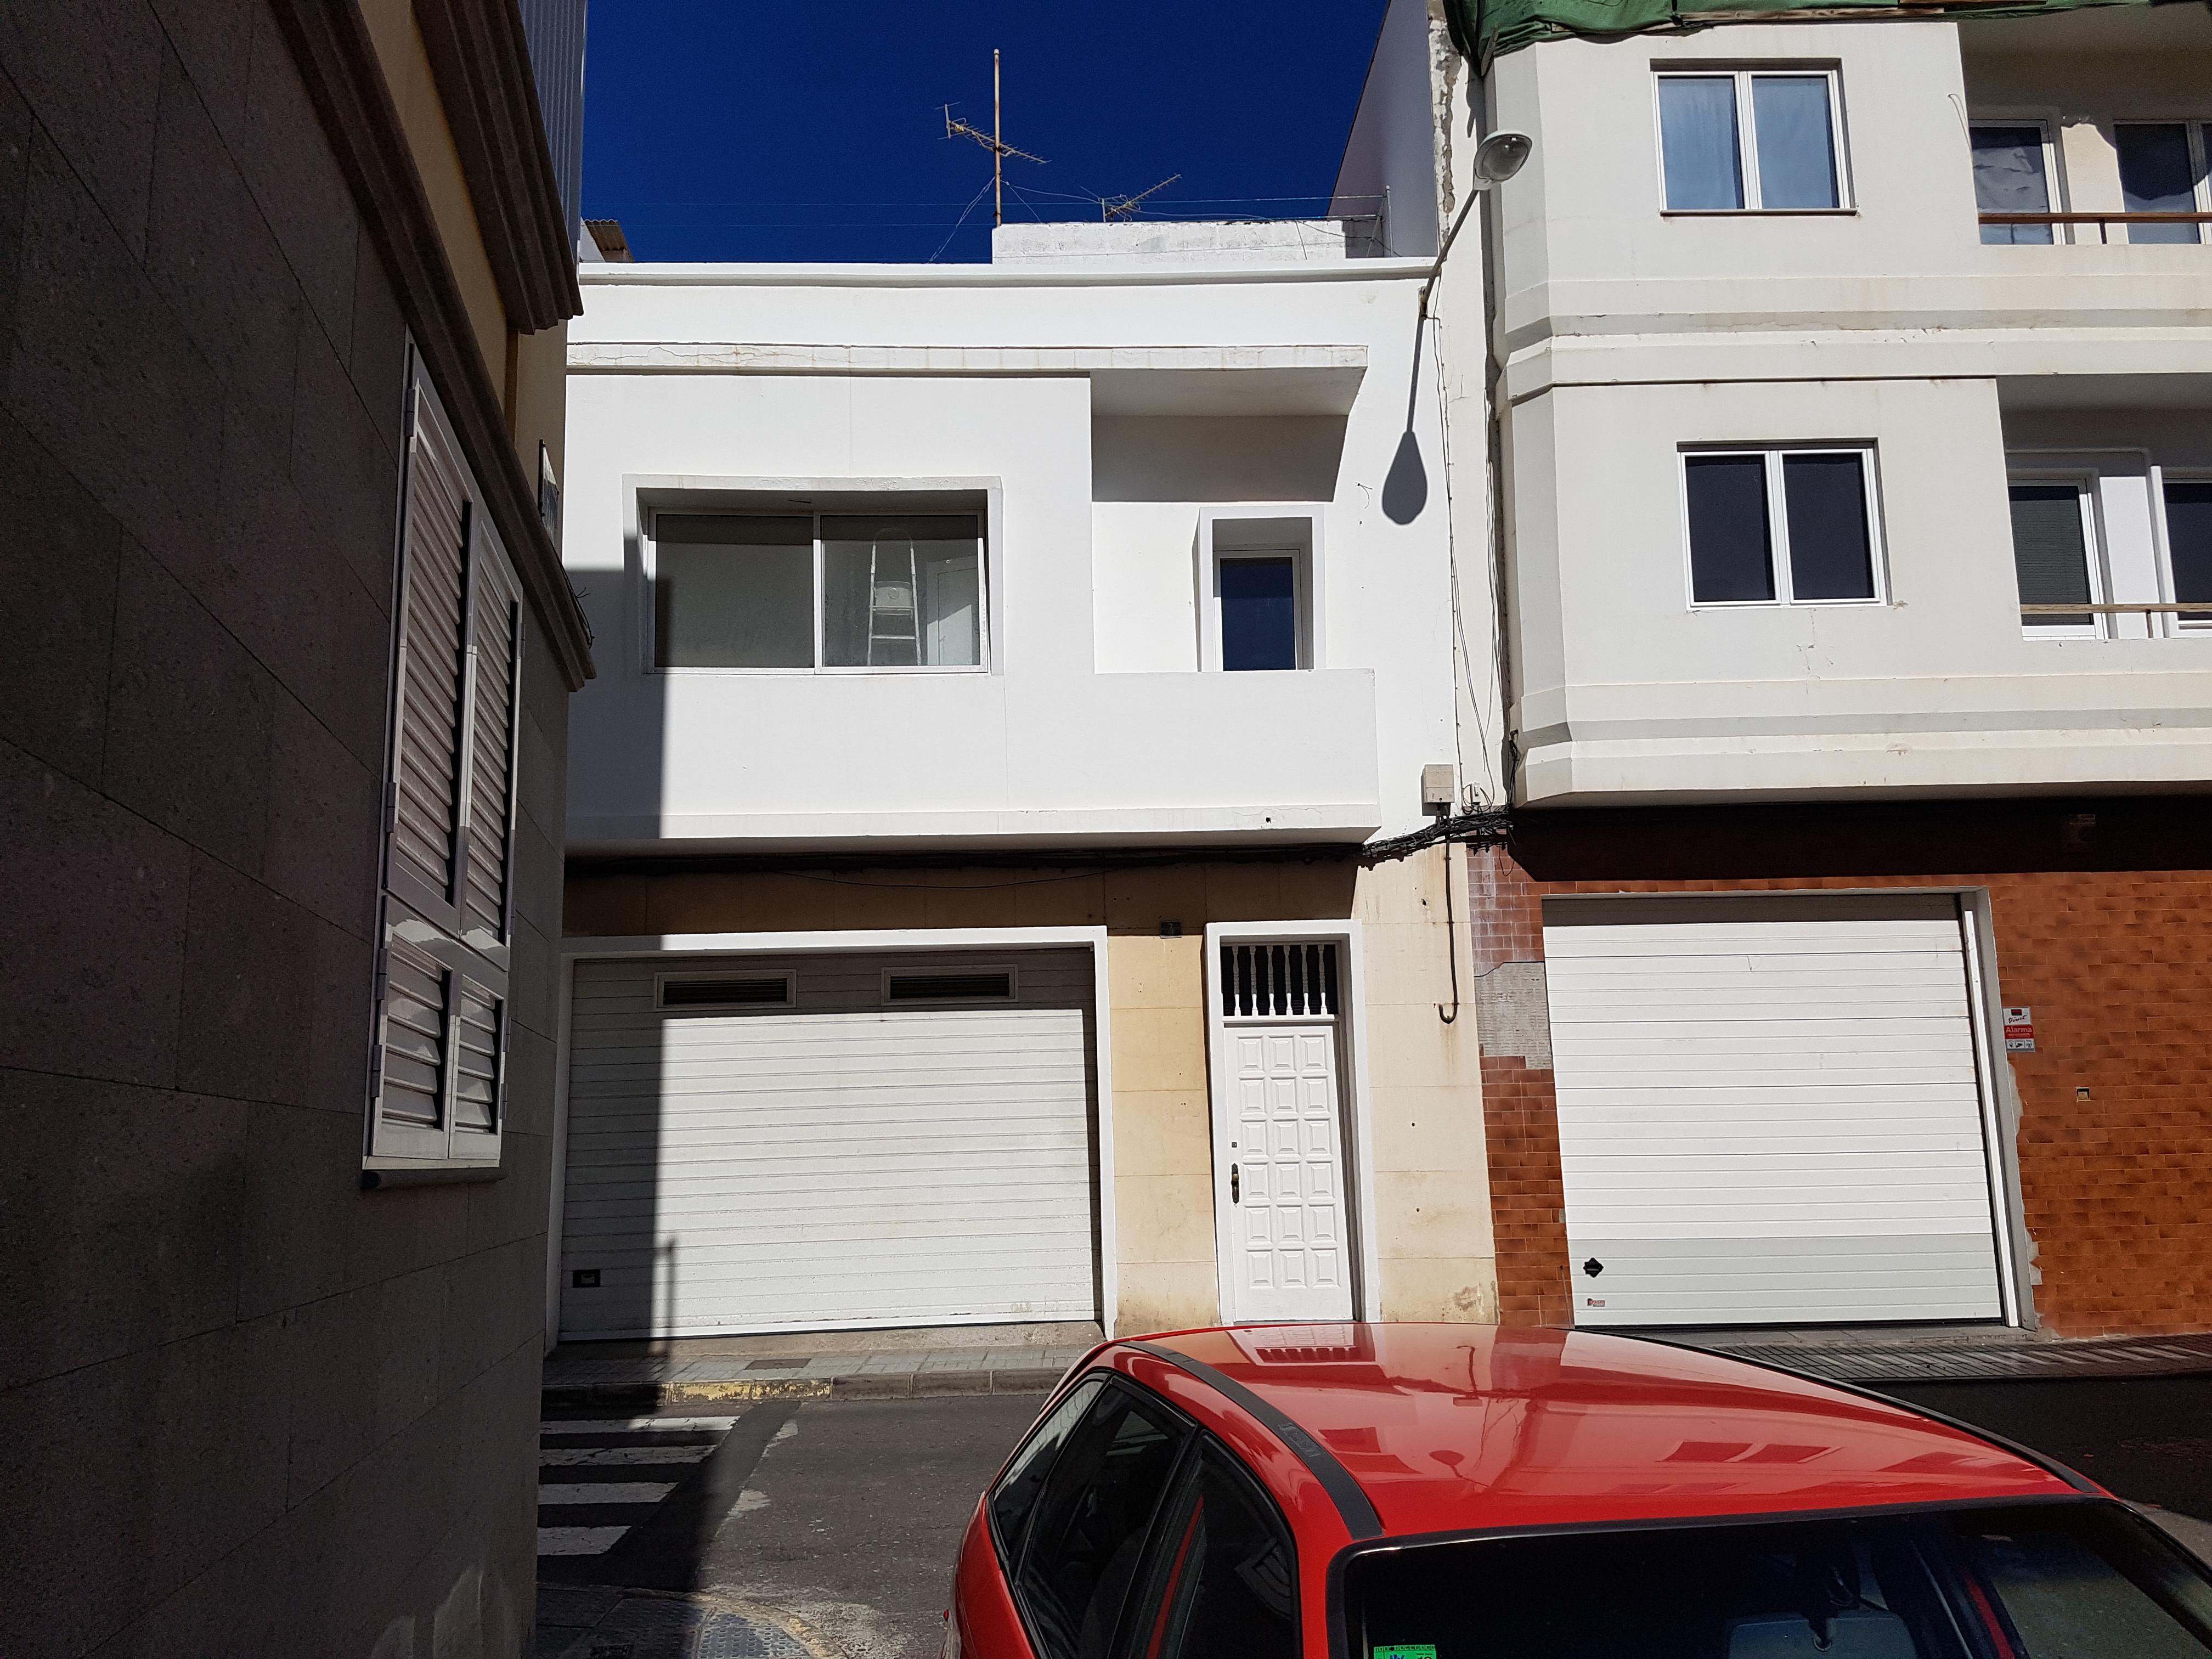 Referenssi numero. 3079, La Isleta, Las Palmas